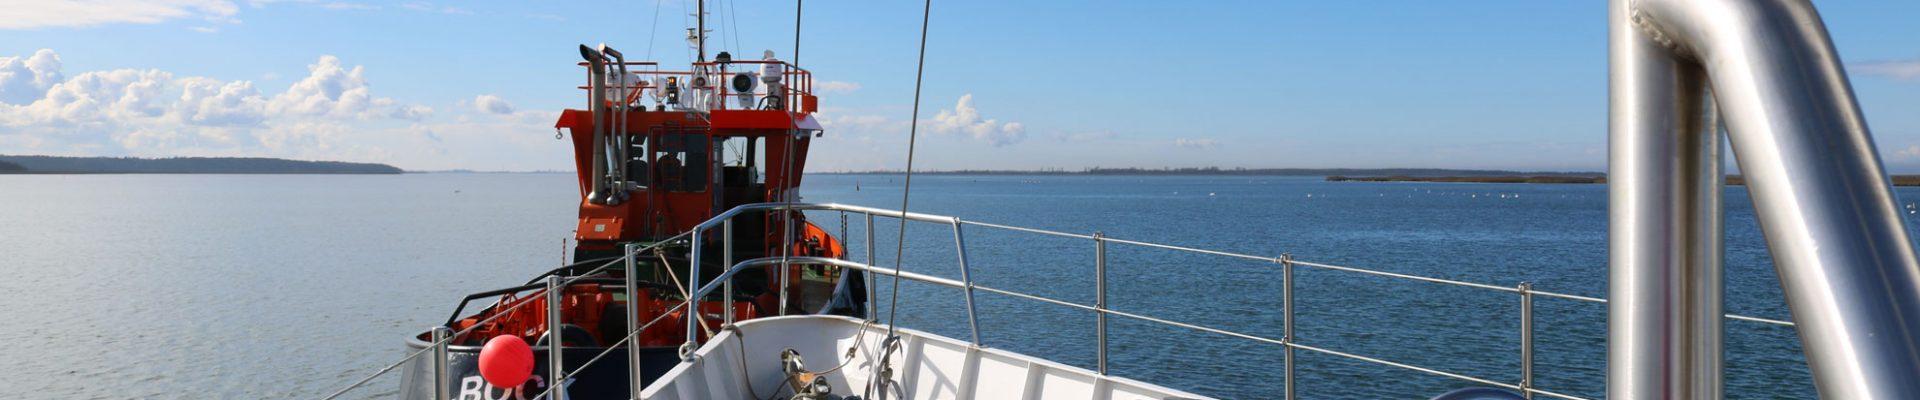 Überführung in die Werft